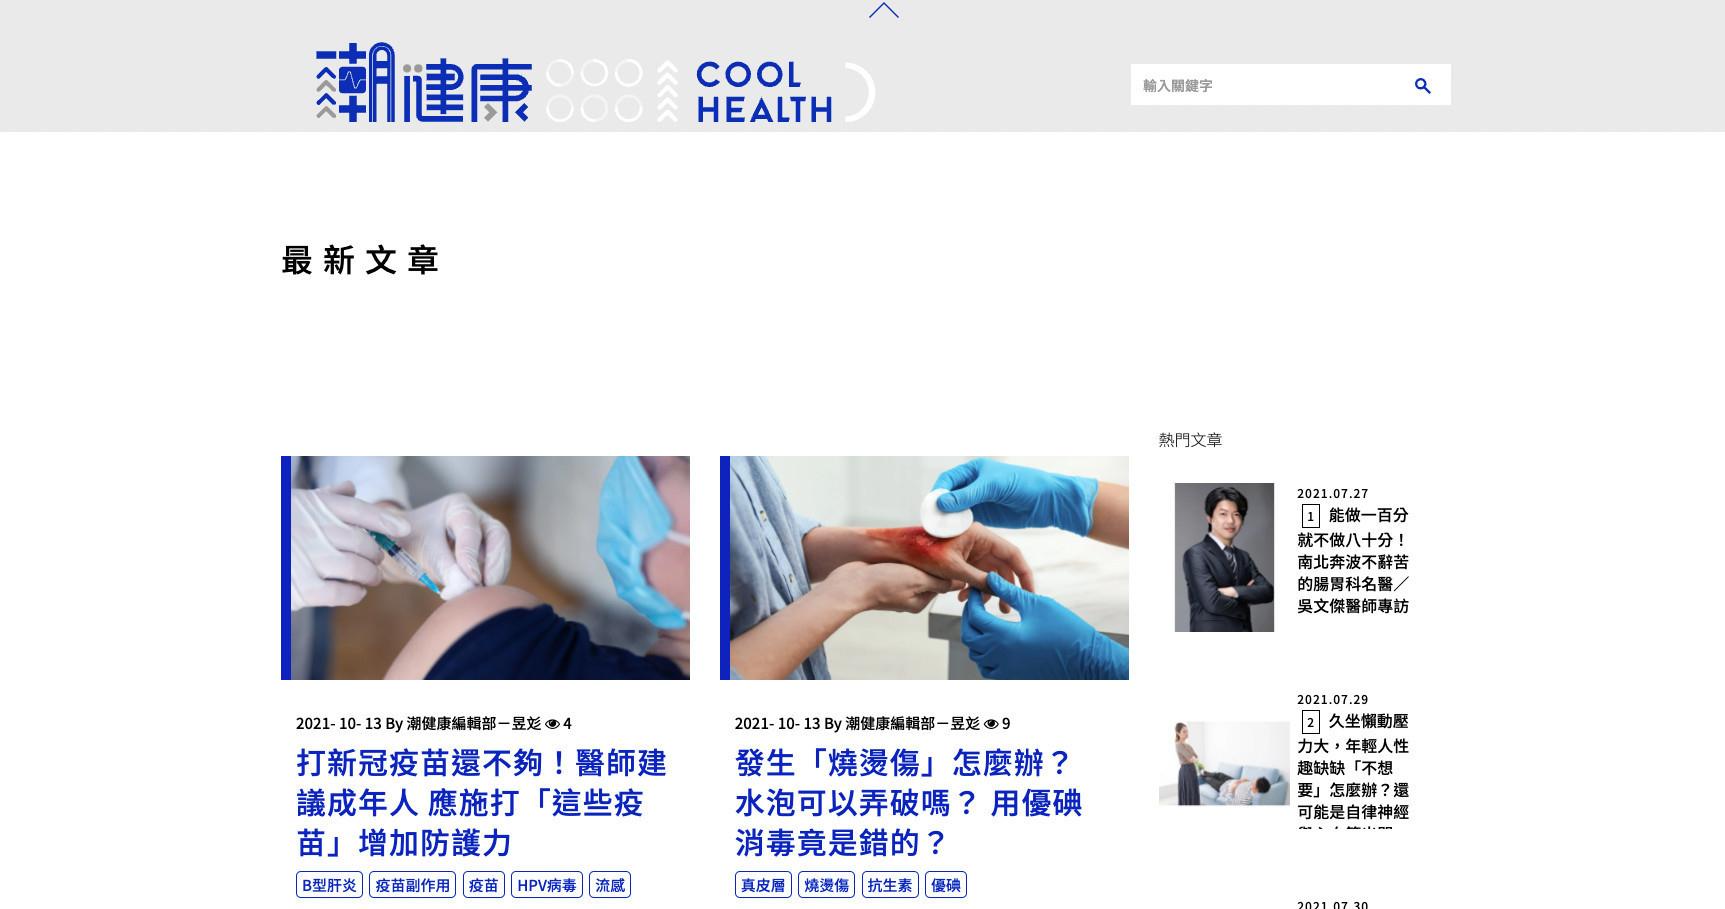 潮健康知識網-部落格專欄 台北鯊客科技SEO優化網站設計成功案例